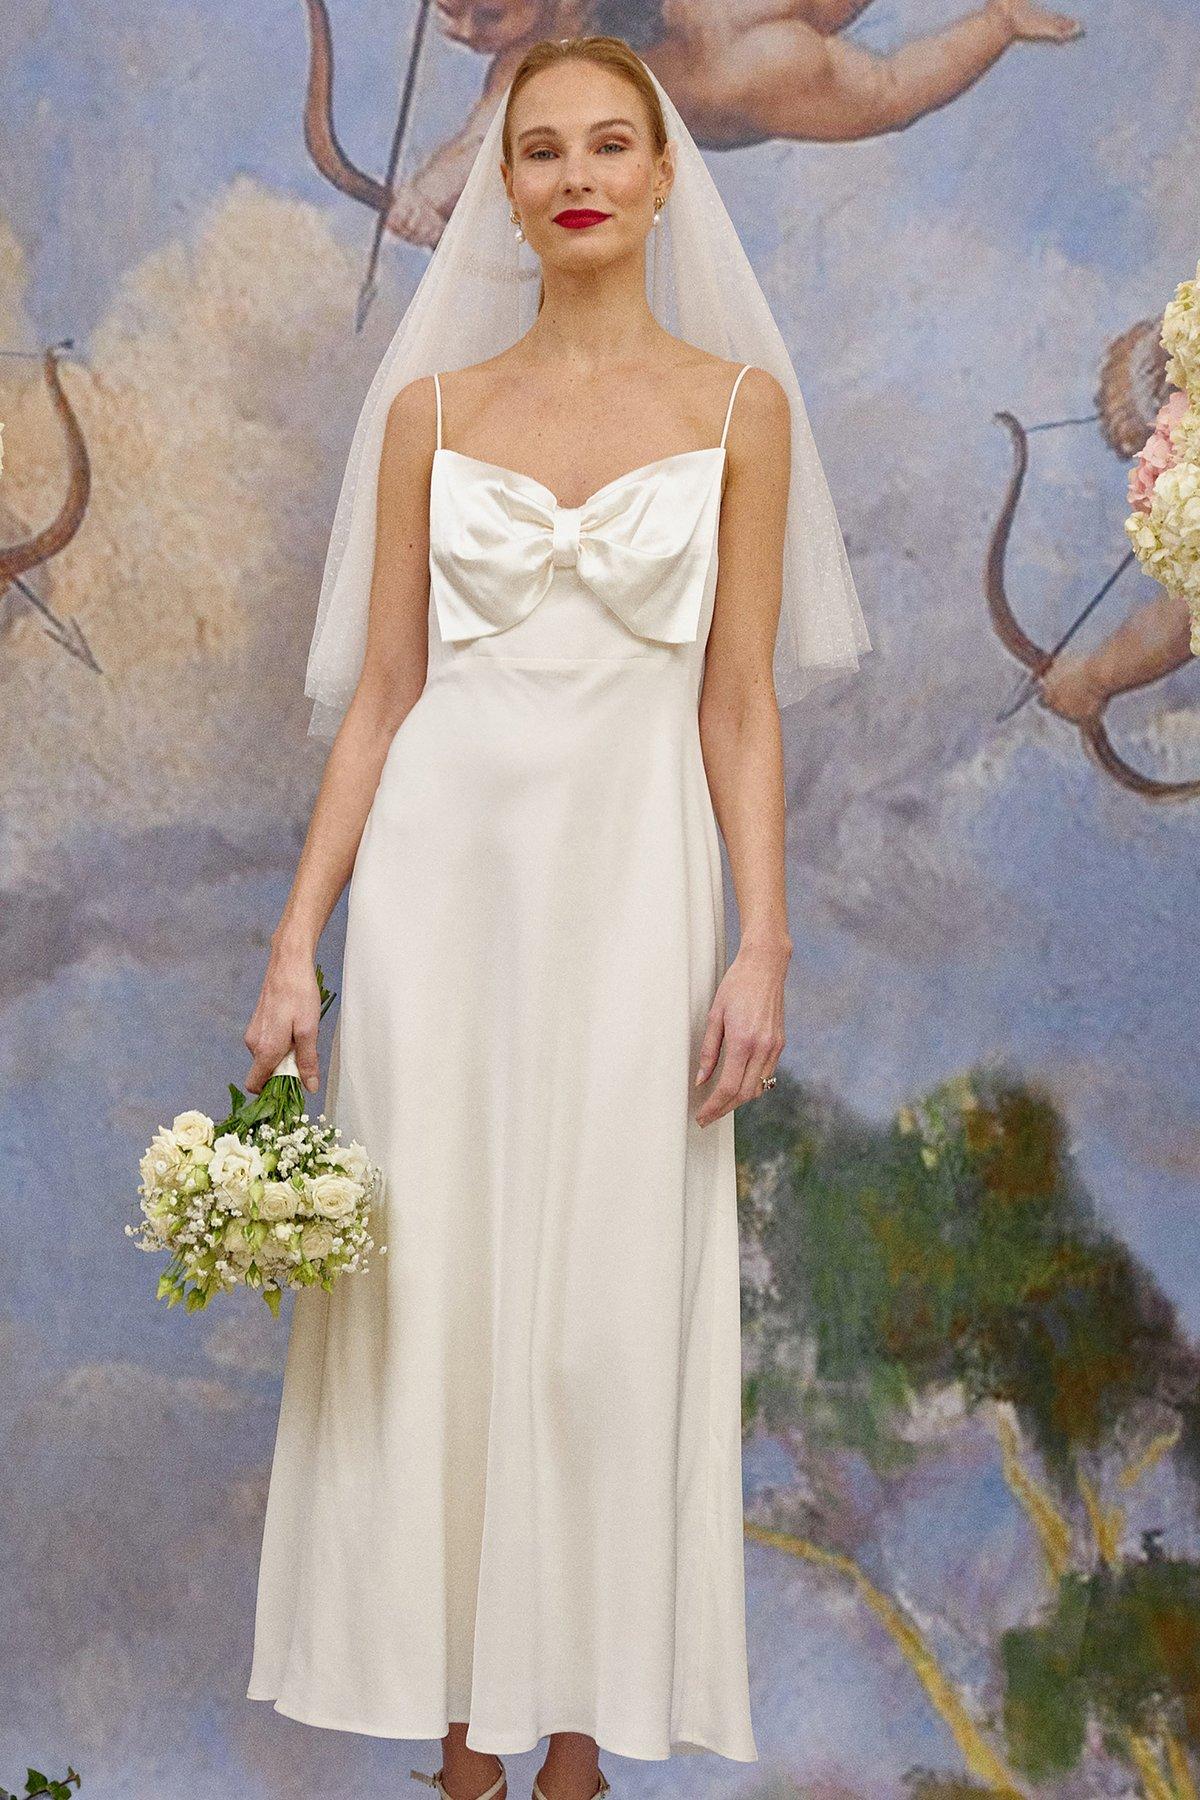 Los detalles especiales como las lazadas pueden transformar un vestido en un abrir y cerrar de ojos